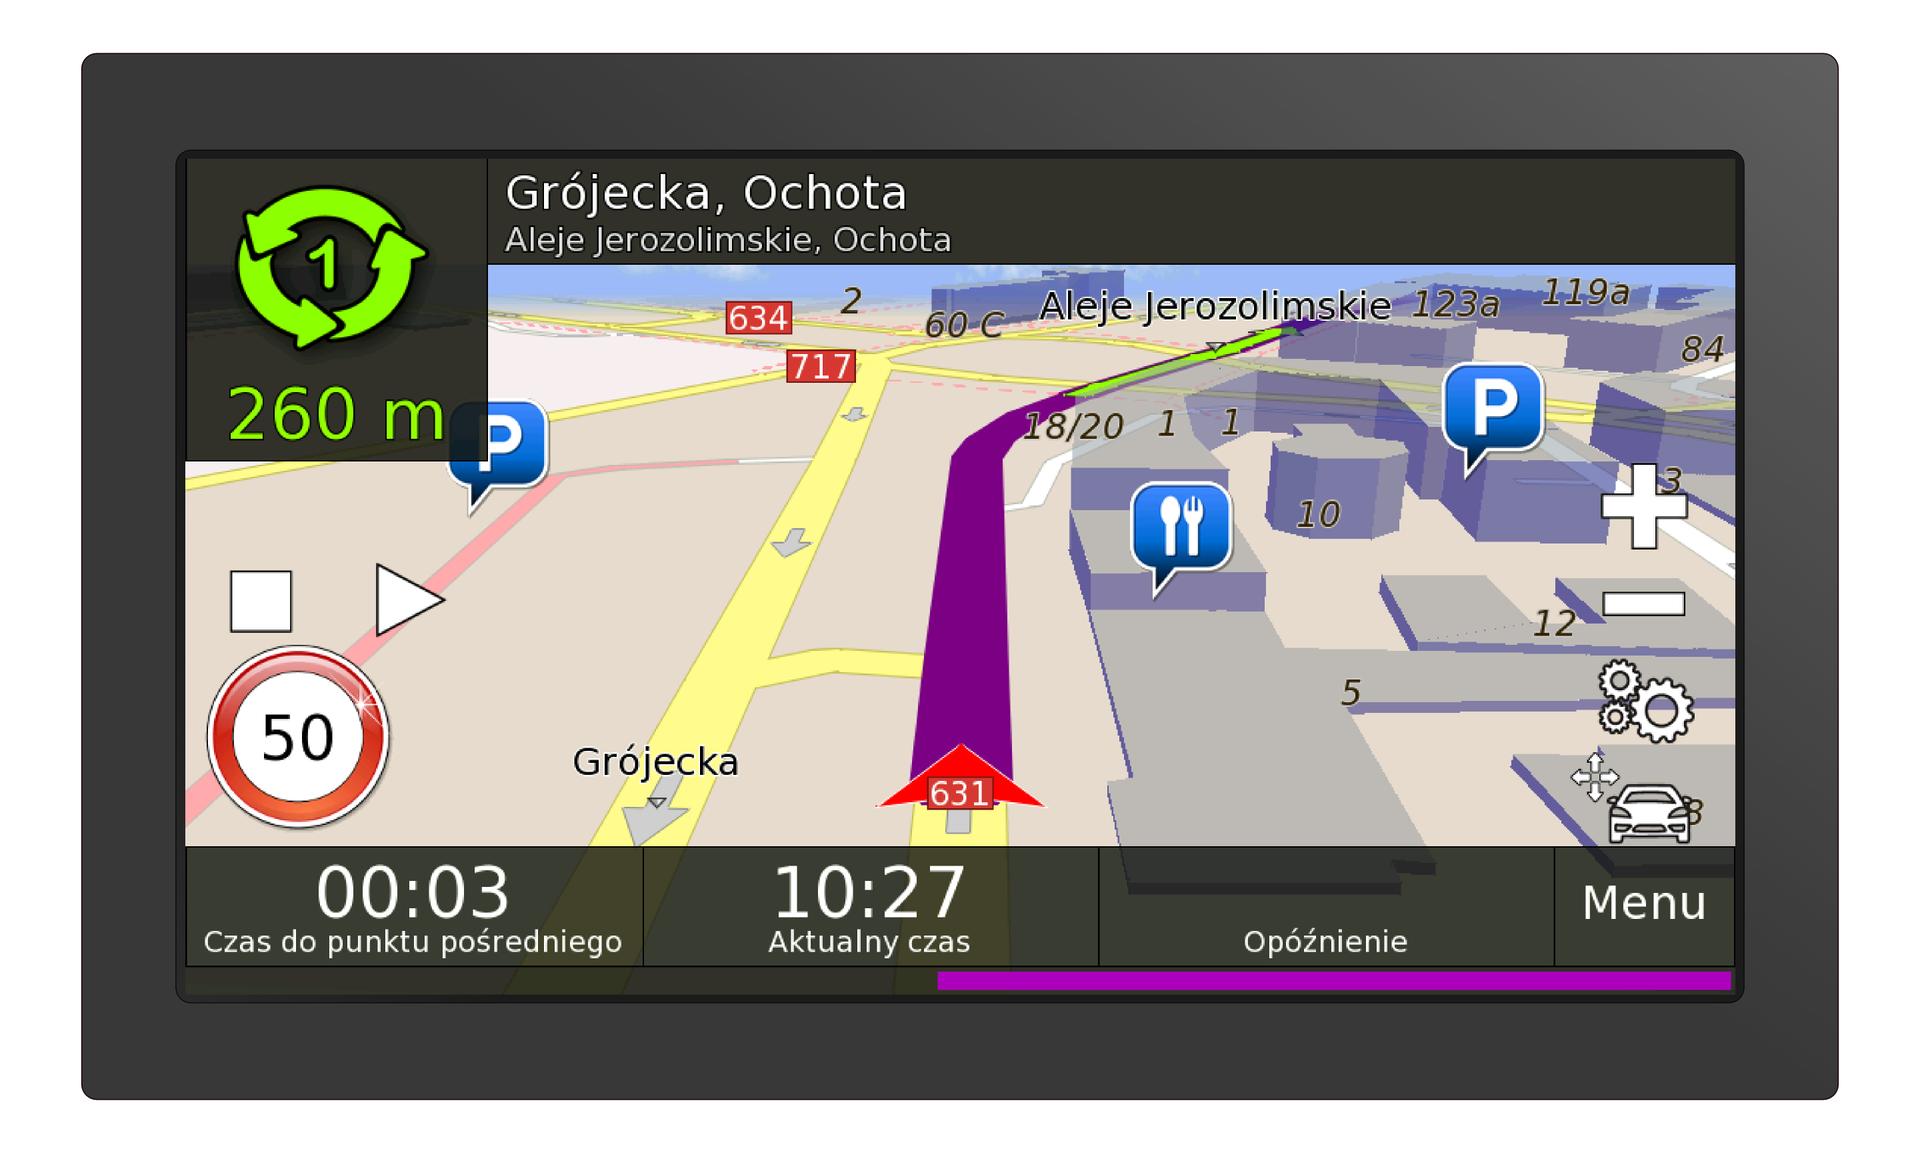 Ilustracja przedstawia mapę GPS. Kolorowa mapa znajduje się na wyświetlaczu. Wyświetlacz ma kształt prostokąta owymiarach dziesięć centymetrów na pięć centymetrów. Na górze wyświetlacza znajduje się aktualna nazwa ulicy oraz dzielnica Warszawy. Informacja to: Grójecka, Ochota, Aleje Jerozolimskie, Ochota. Wdolnej części wyświetlacza znajdują się informacje podające czas przejazdu do punktu pośredniego. Wyświetla się również aktualny czas. Wprawym dolnym rogu napis Menu. Na wyświetlaczu widoczne są pasy odnoszące się do ulicy Grójeckiej. Ulica przedstawiona jest pionowo. Równolegle drugi pas jezdni wprzeciwnym kierunku. Wzdłuż ulicy wyświetlają się szare strzałki wskazujące grotem kierunek jazdy. Prawa strona mapy przedstawia część miasta. Budynki, restauracje iparking są przedstawione jako niebieskie bryły. Po lewej stronie wyświetlacza znak ostrzegawczy. Okrągły znak zczerwoną ramką informuje oograniczeniu prędkości do pięćdziesięciu kilometrów na godzinę.